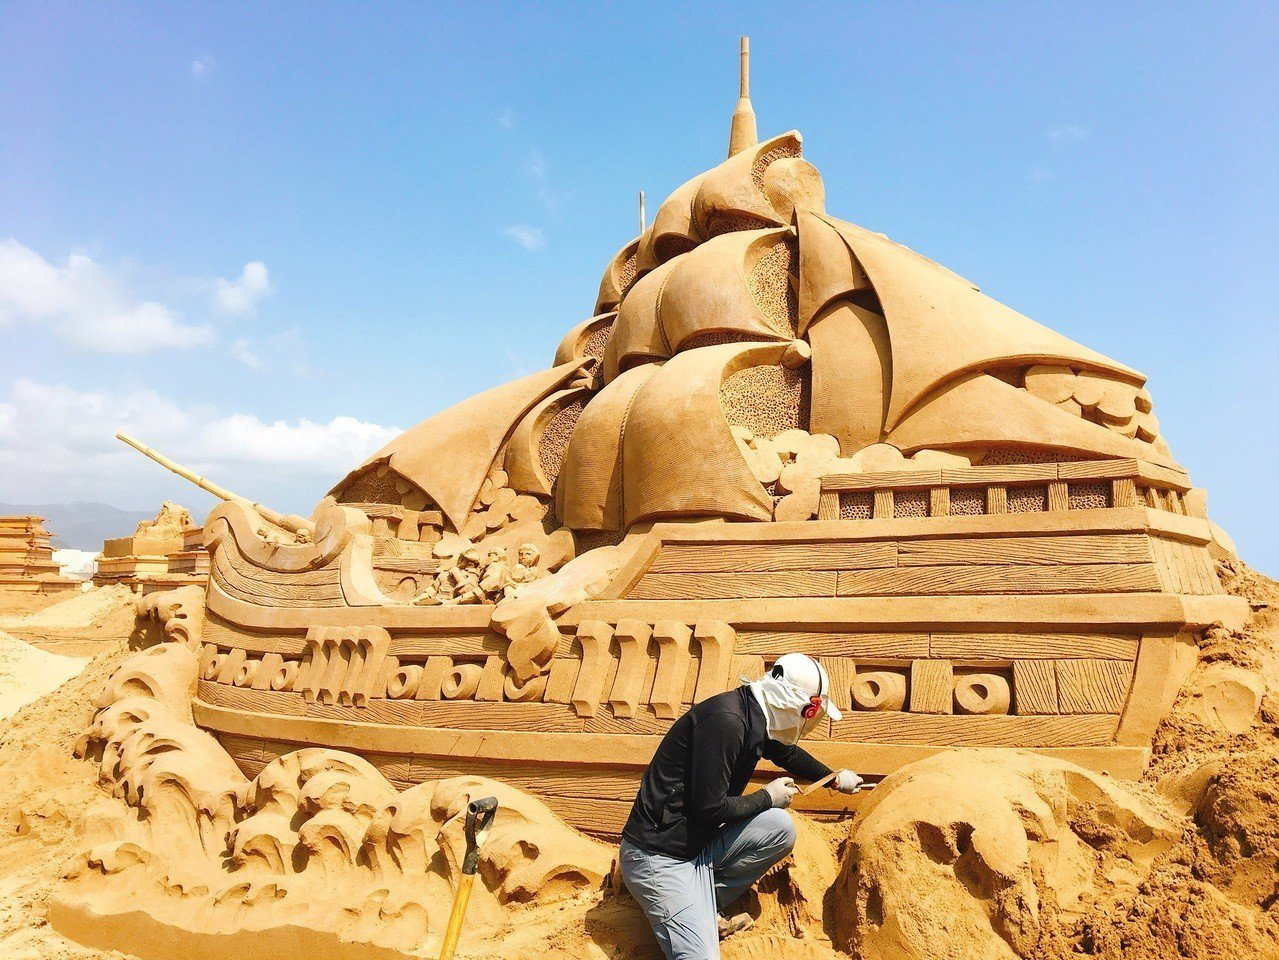 今年度主辦單位邀請13國28位沙雕藝術家共襄盛舉(美國、加拿大、荷蘭、印度、俄羅...